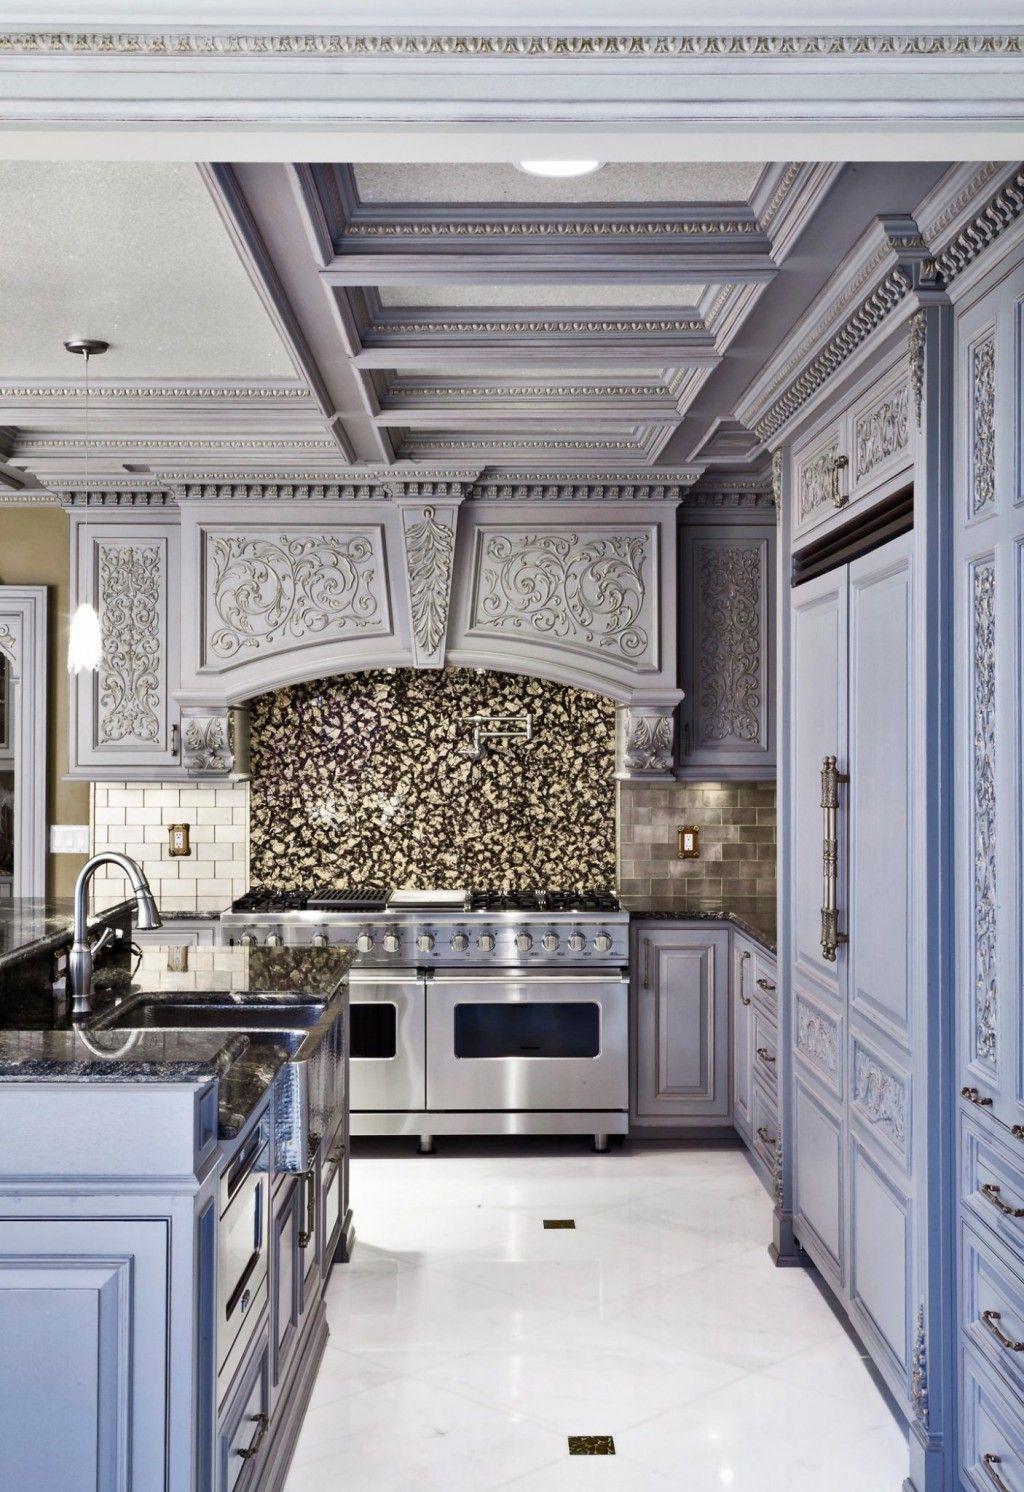 Kitchen Morganville Nj Wl Kitchen Home In 2020 Kitchen Redesign Classic Kitchen Cabinets Luxury Kitchen Design